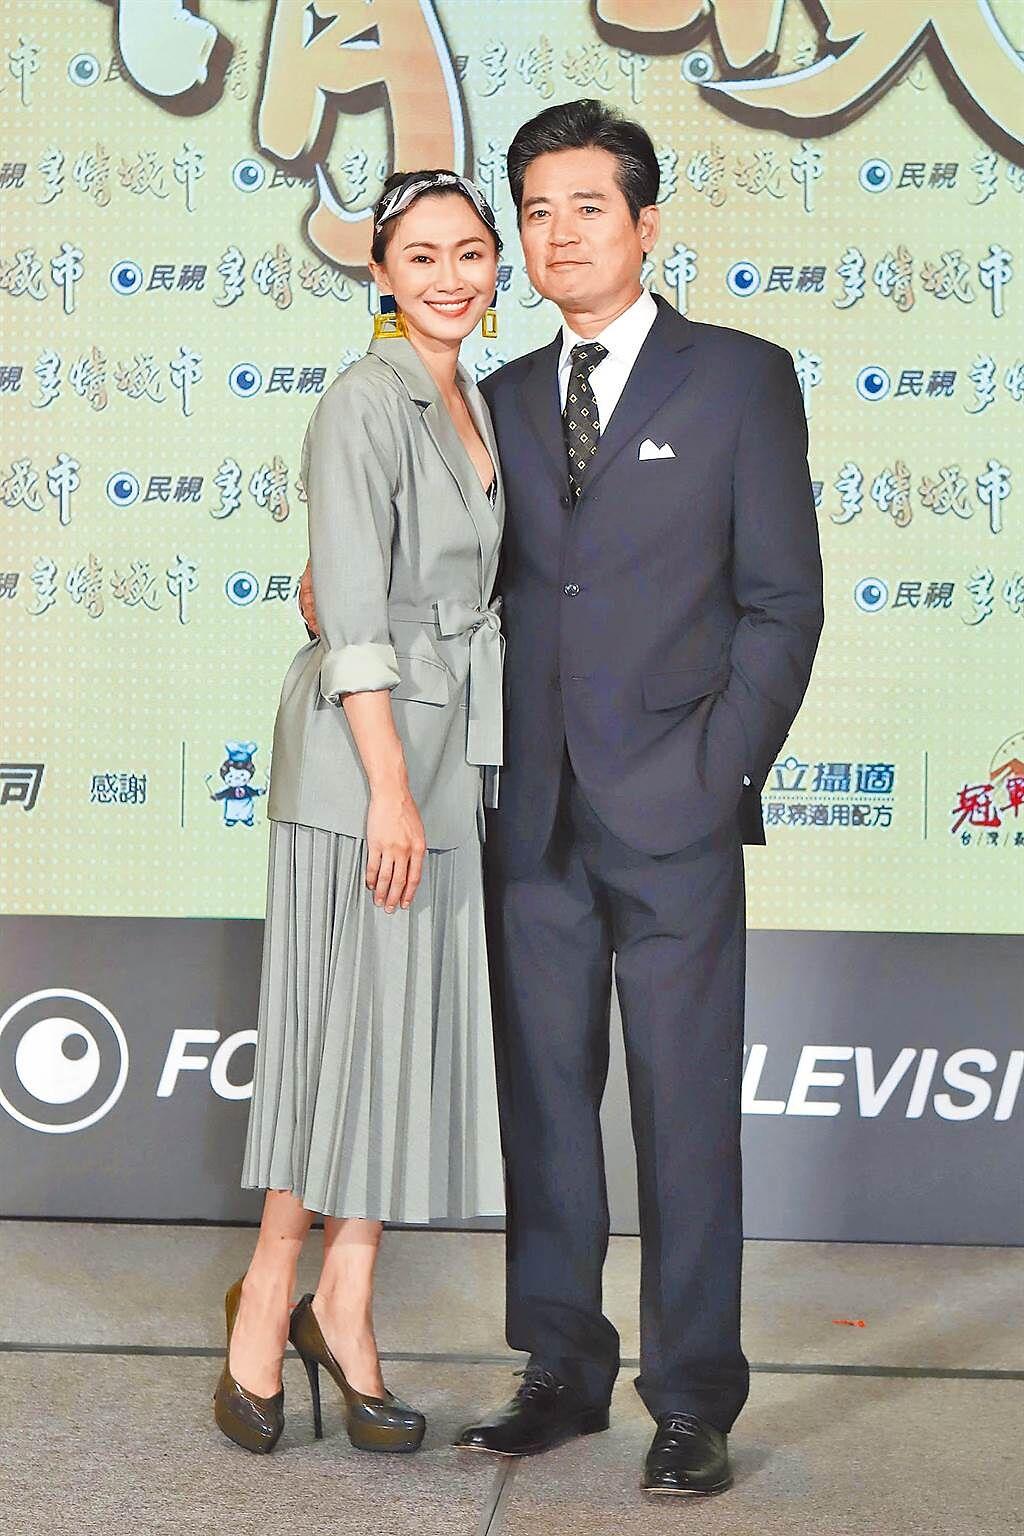 侯怡君和蕭大陸本月宣布結婚。(圖/中時資料照)